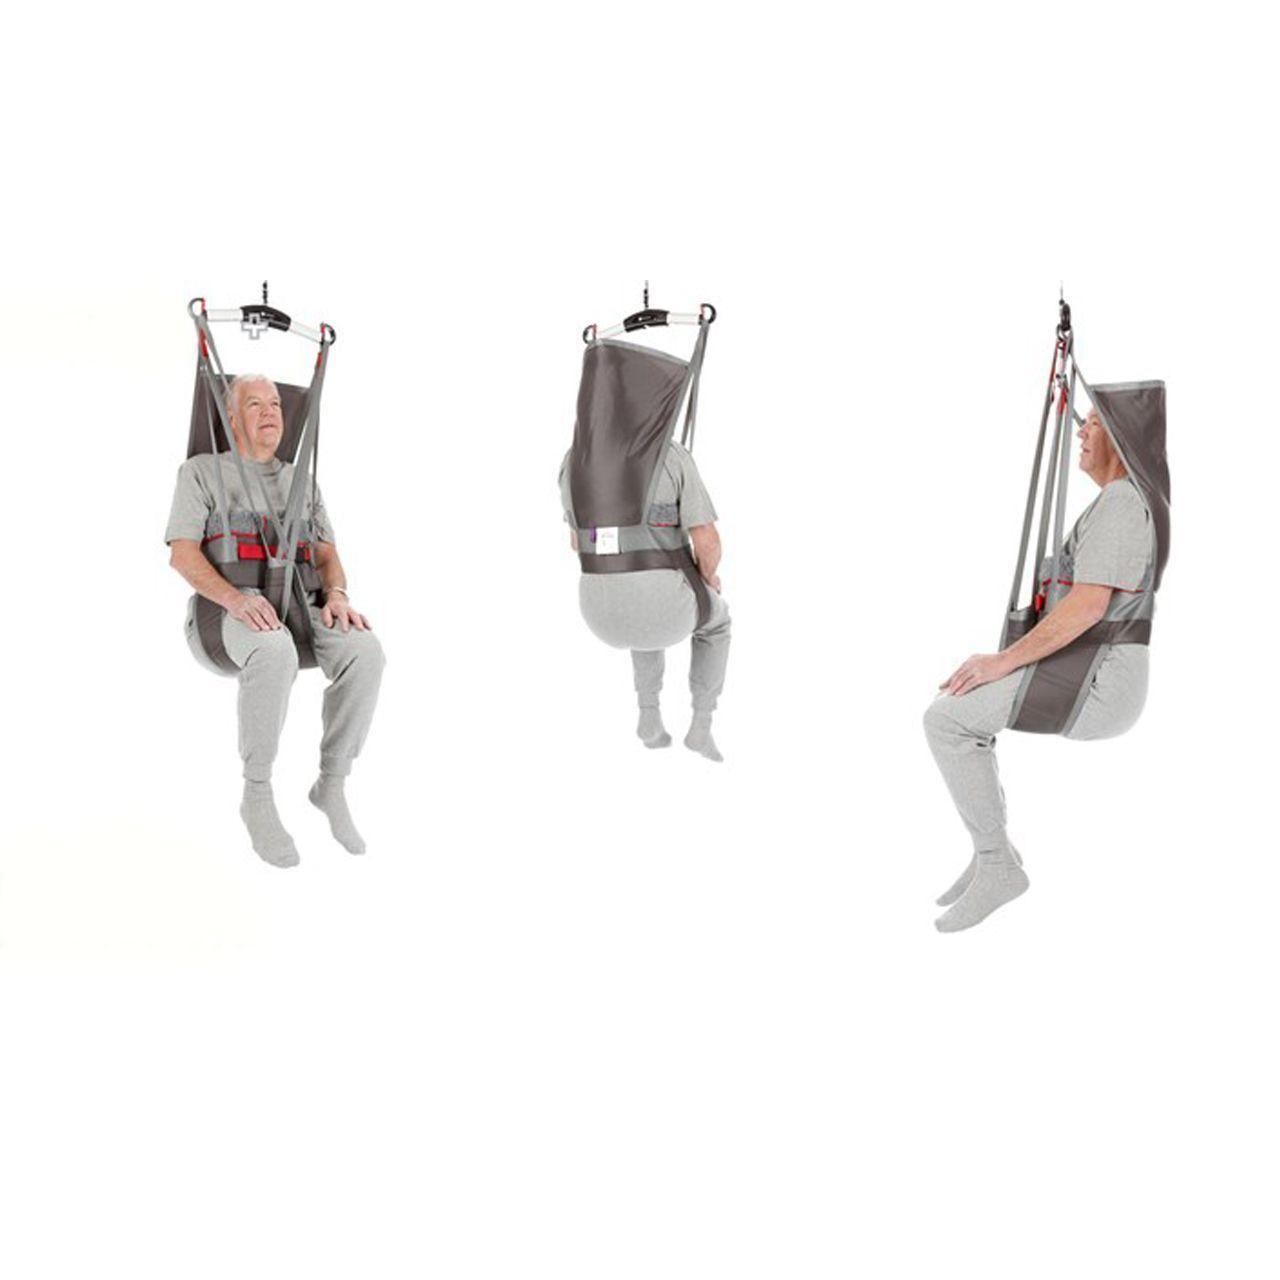 Hygiene-sling-tilbanden-tillen-artnrnnb_0002s_0002_trio